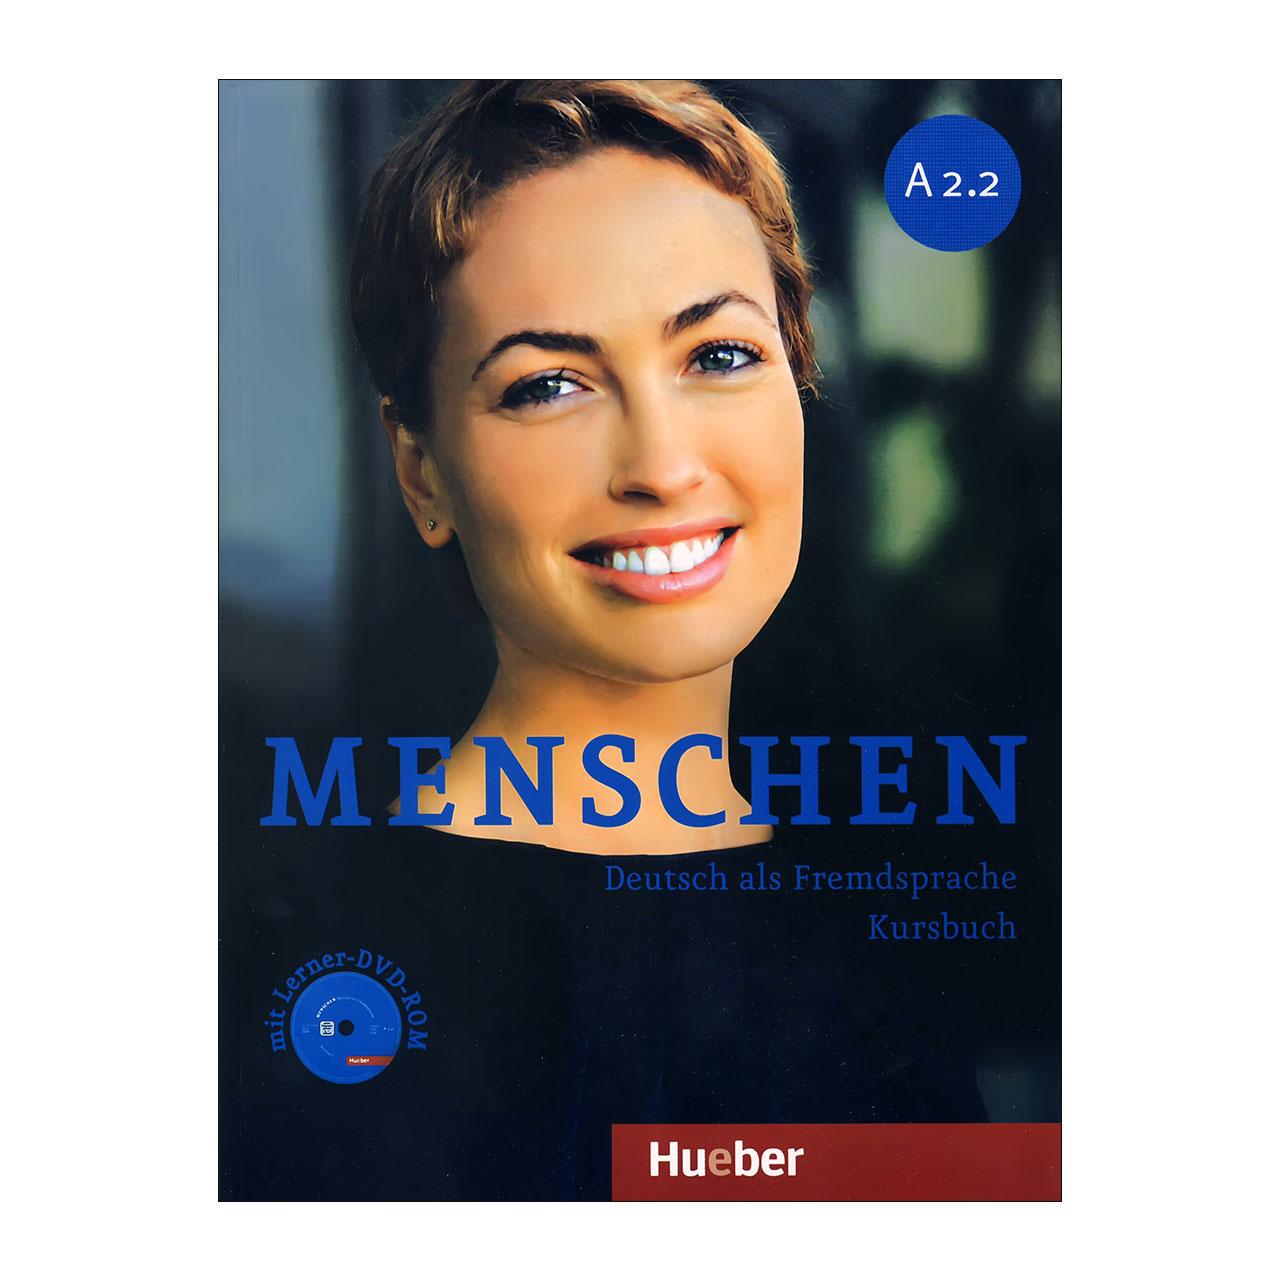 خرید                      کتاب menschen A2.2 اثر جمعی از نویسندگان انتشارات Hueber